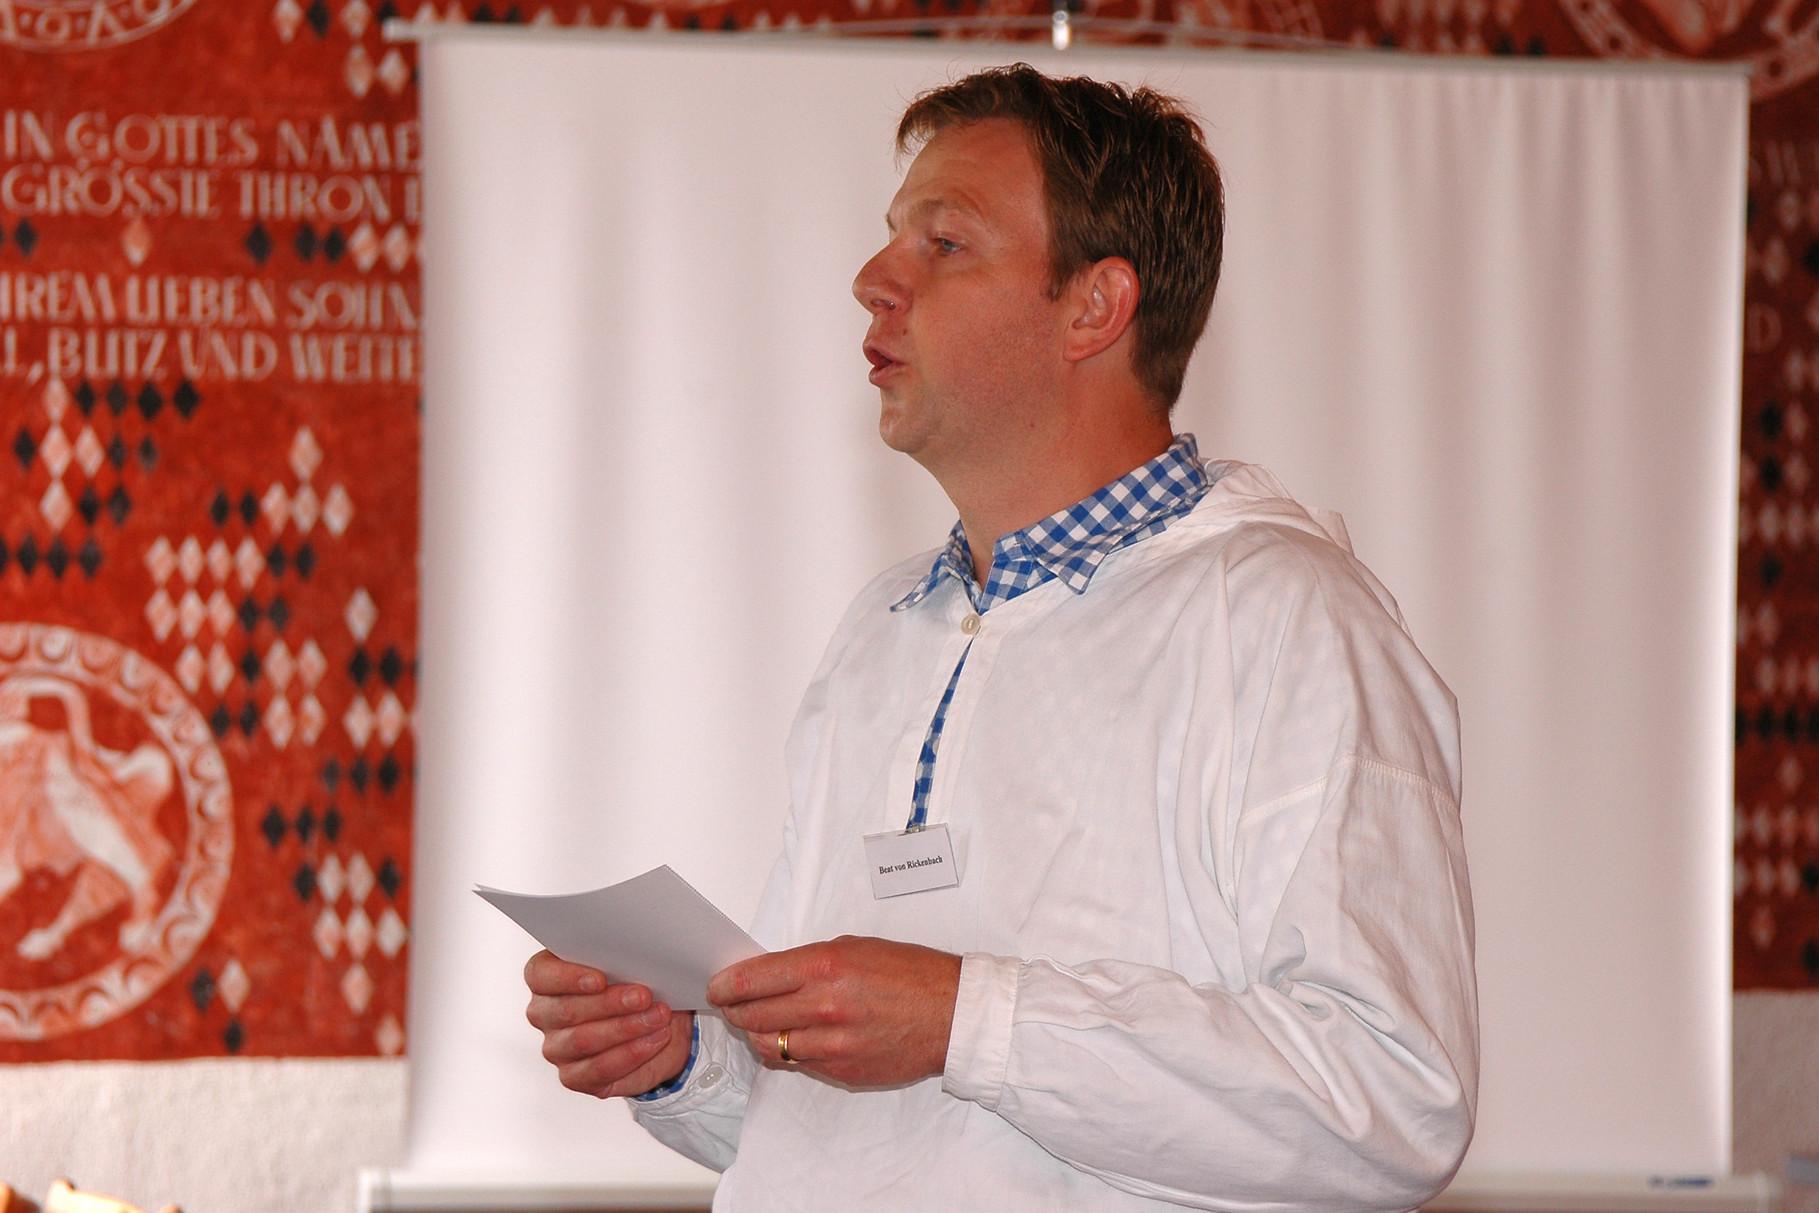 Speaker Beat von Rickenbach begrüsst die Festgesellschaft